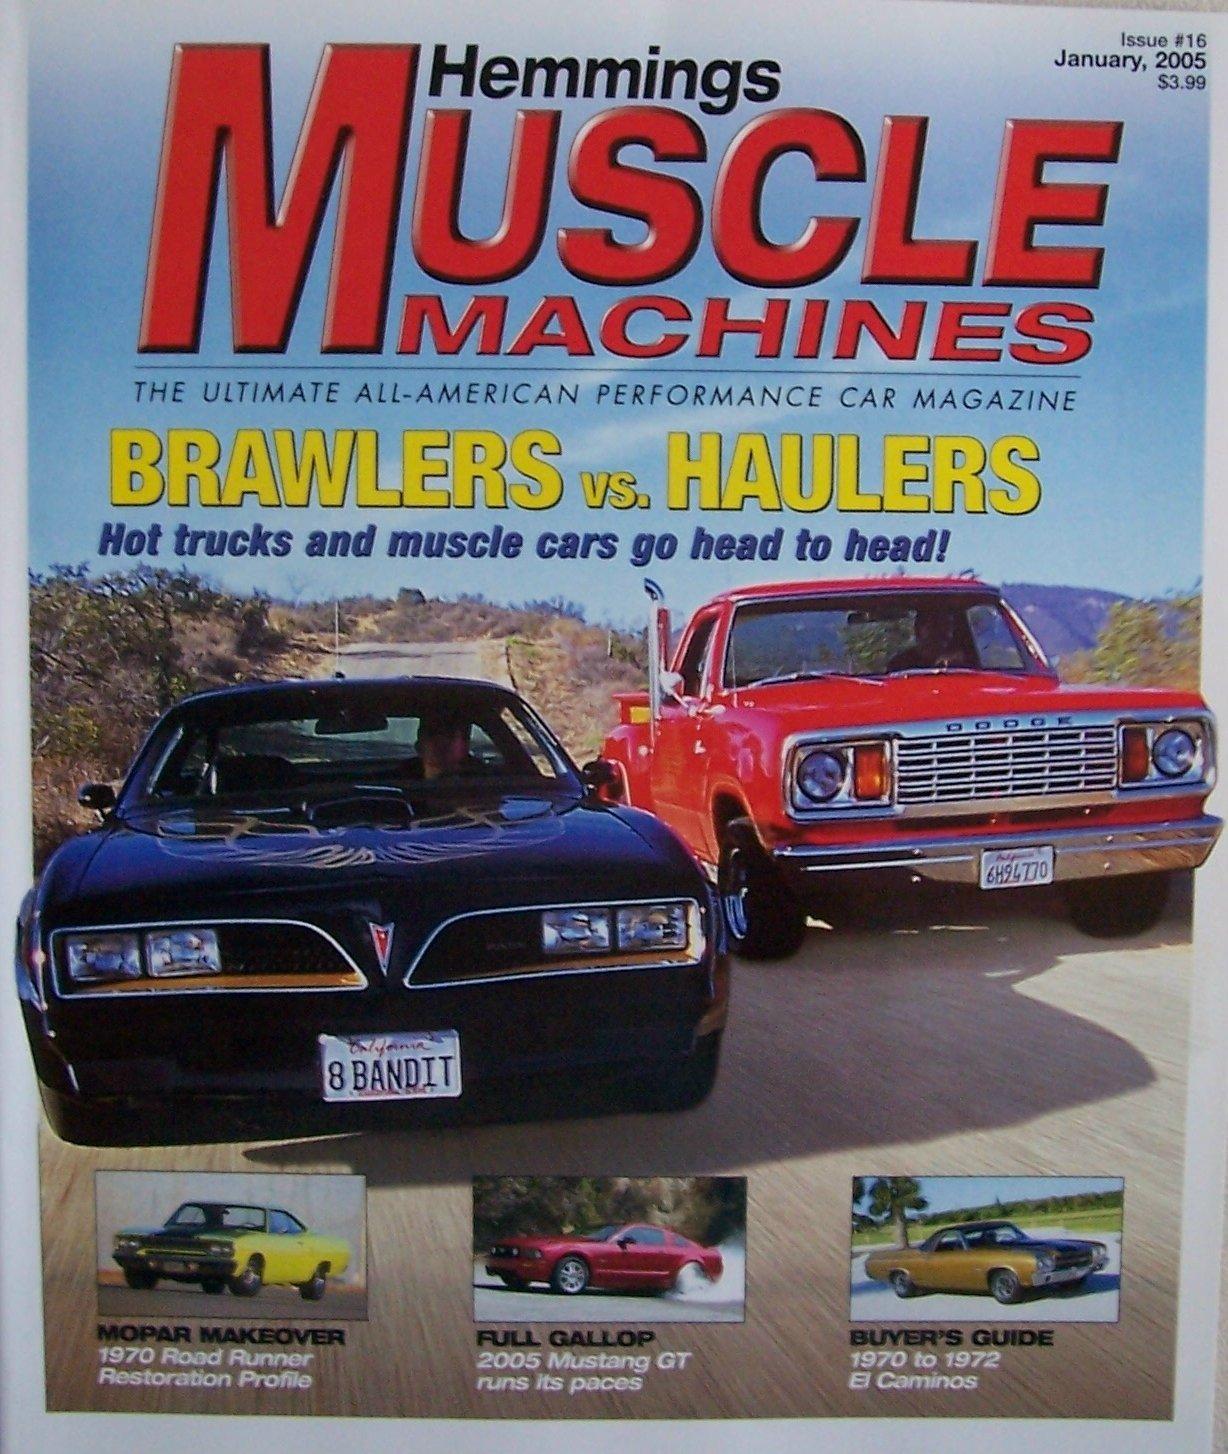 Hemmings Muscle Machines 16 Vol 2 Issue 4 Jan 2005 Ultimate